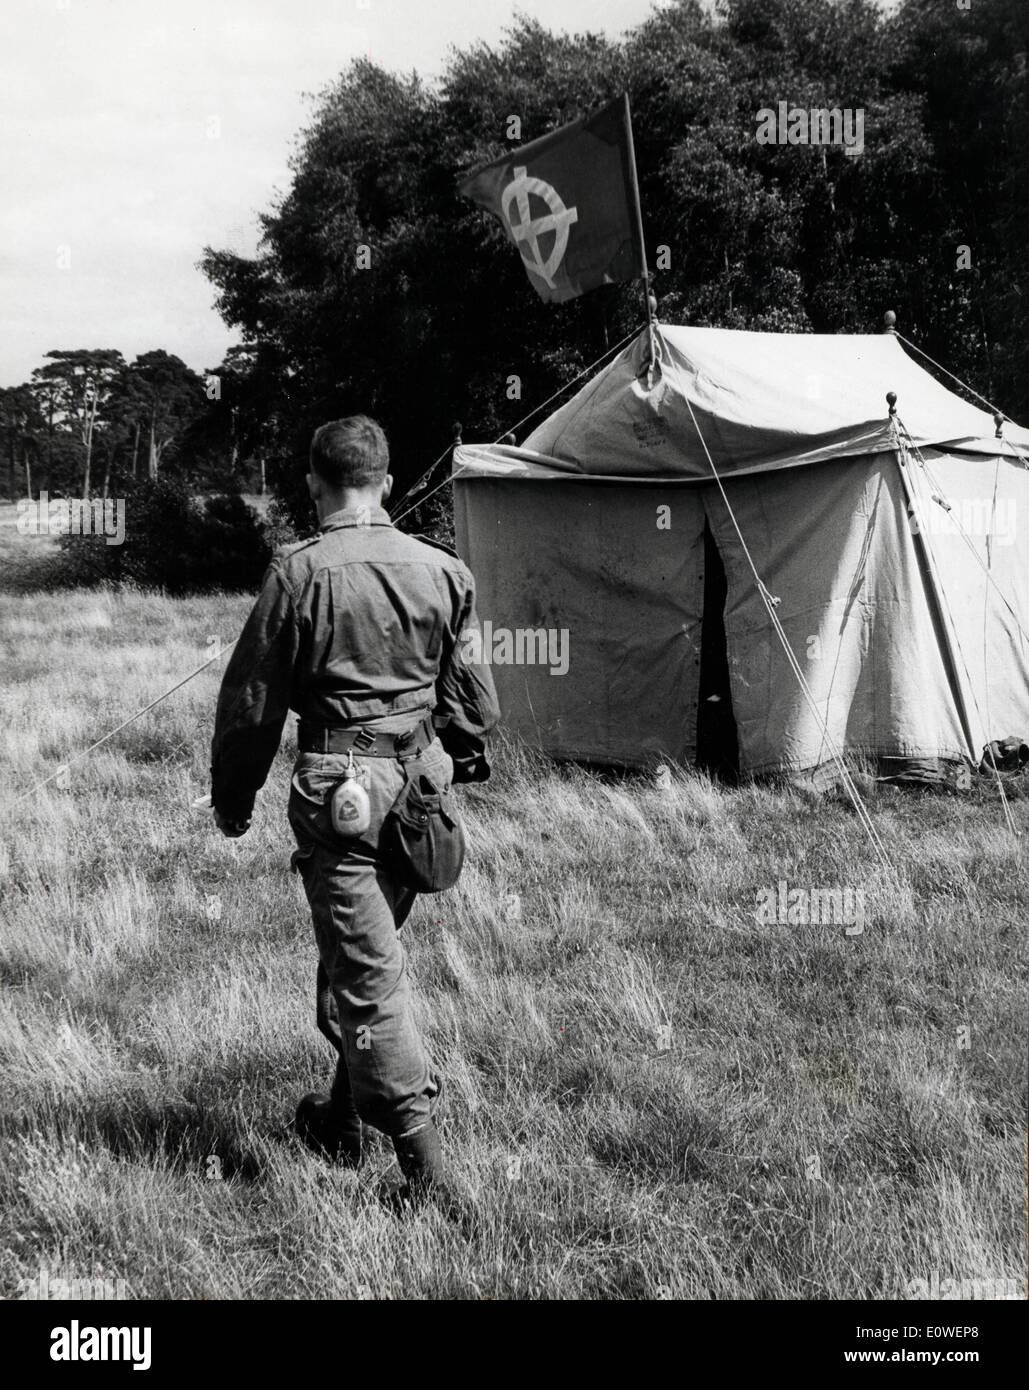 Neo nazi in paratrooper uniform walks past tent - Stock Image